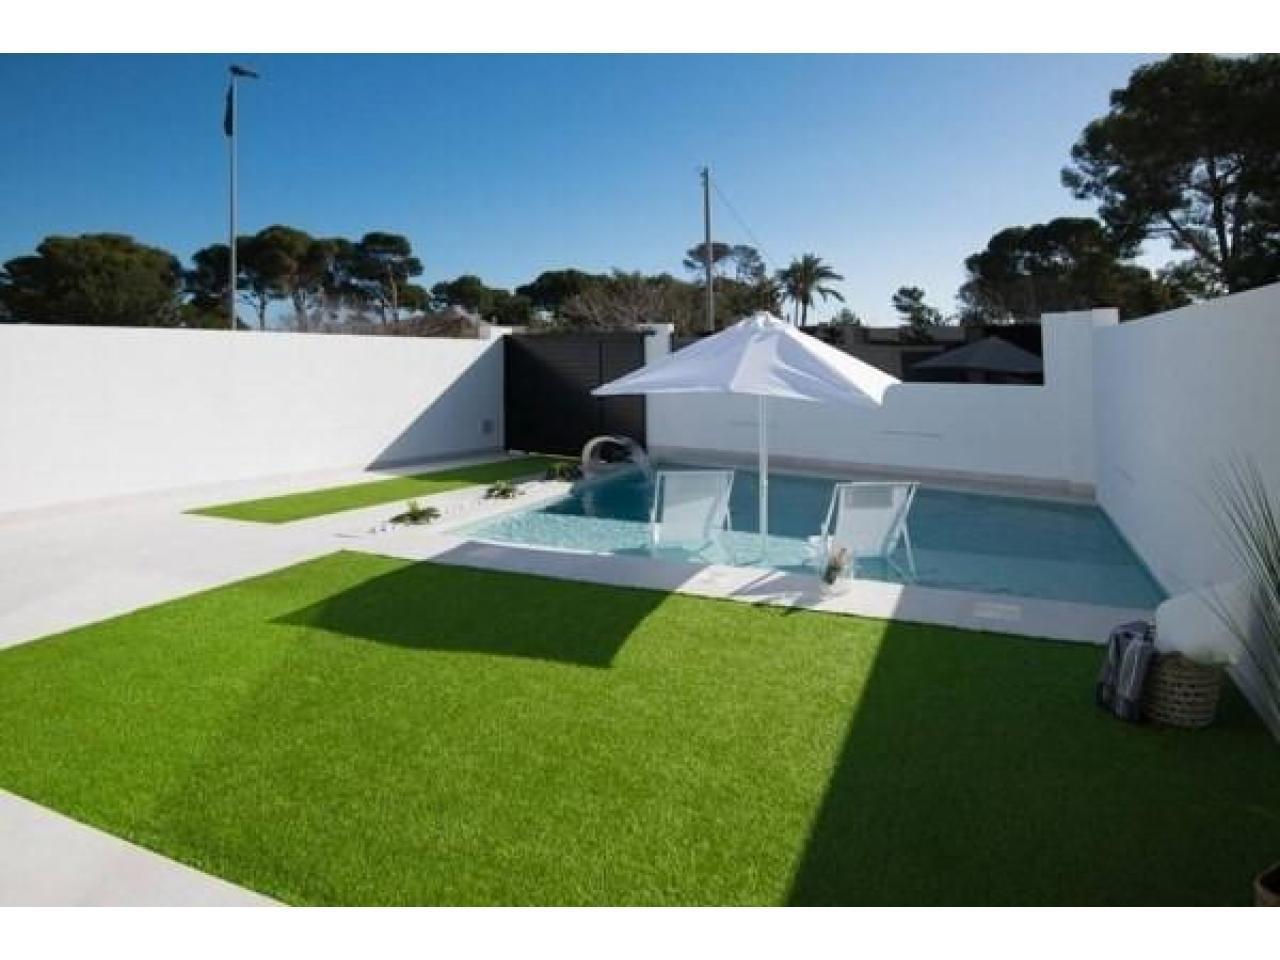 Недвижимость в Испании, Новая вилла рядом с пляжем от застройщика в Сан-Хавьер - 3